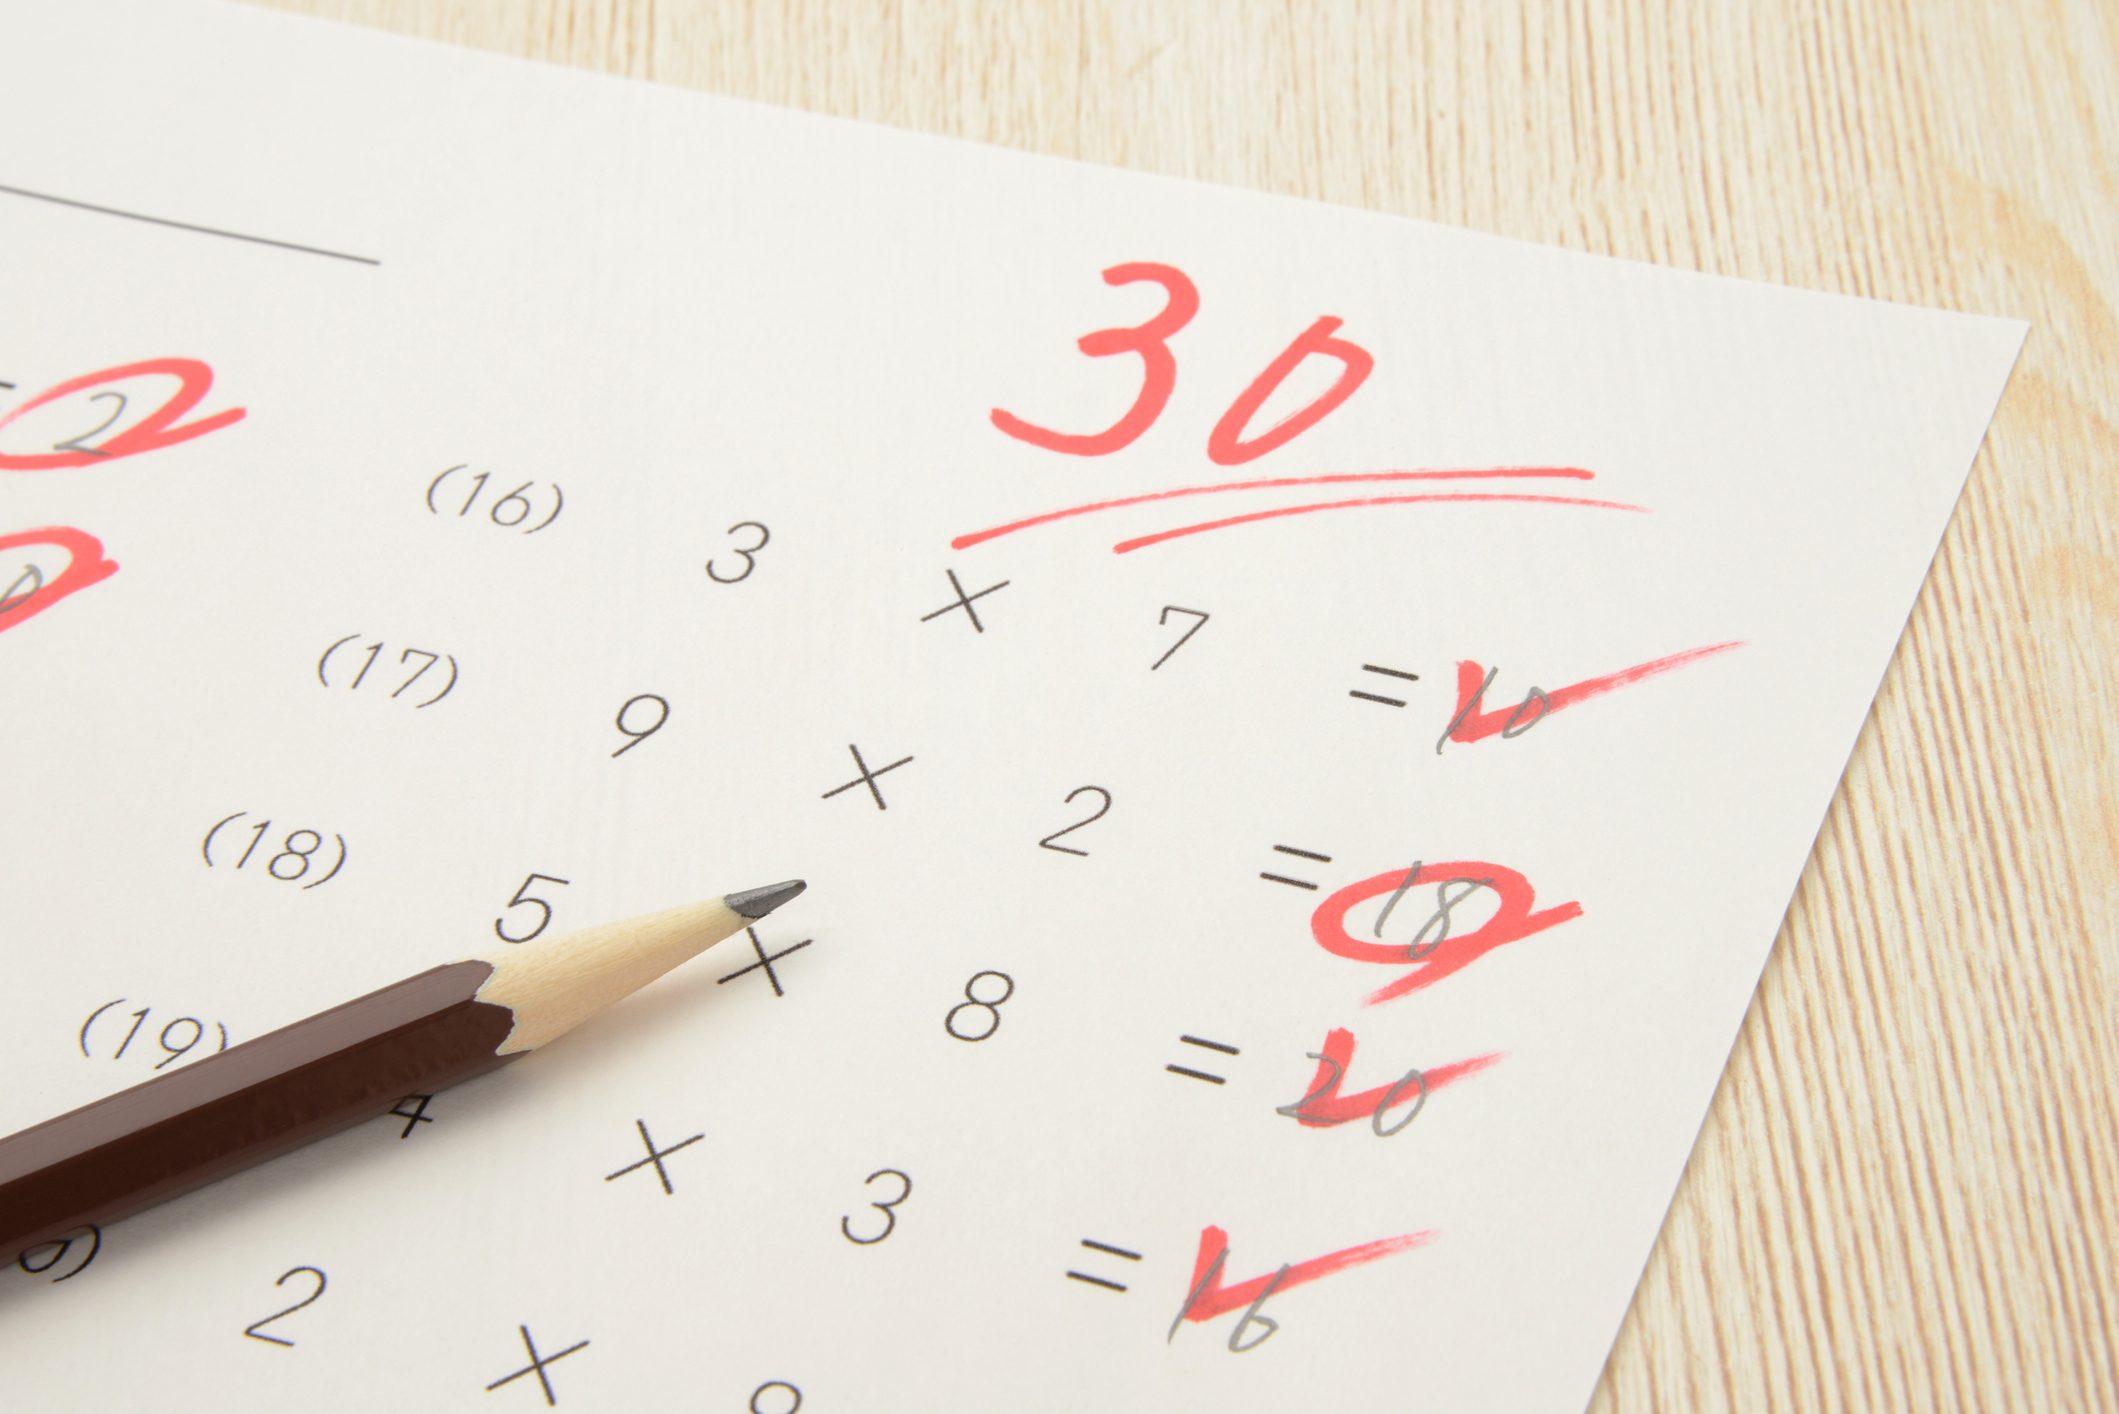 学校のテスト点数